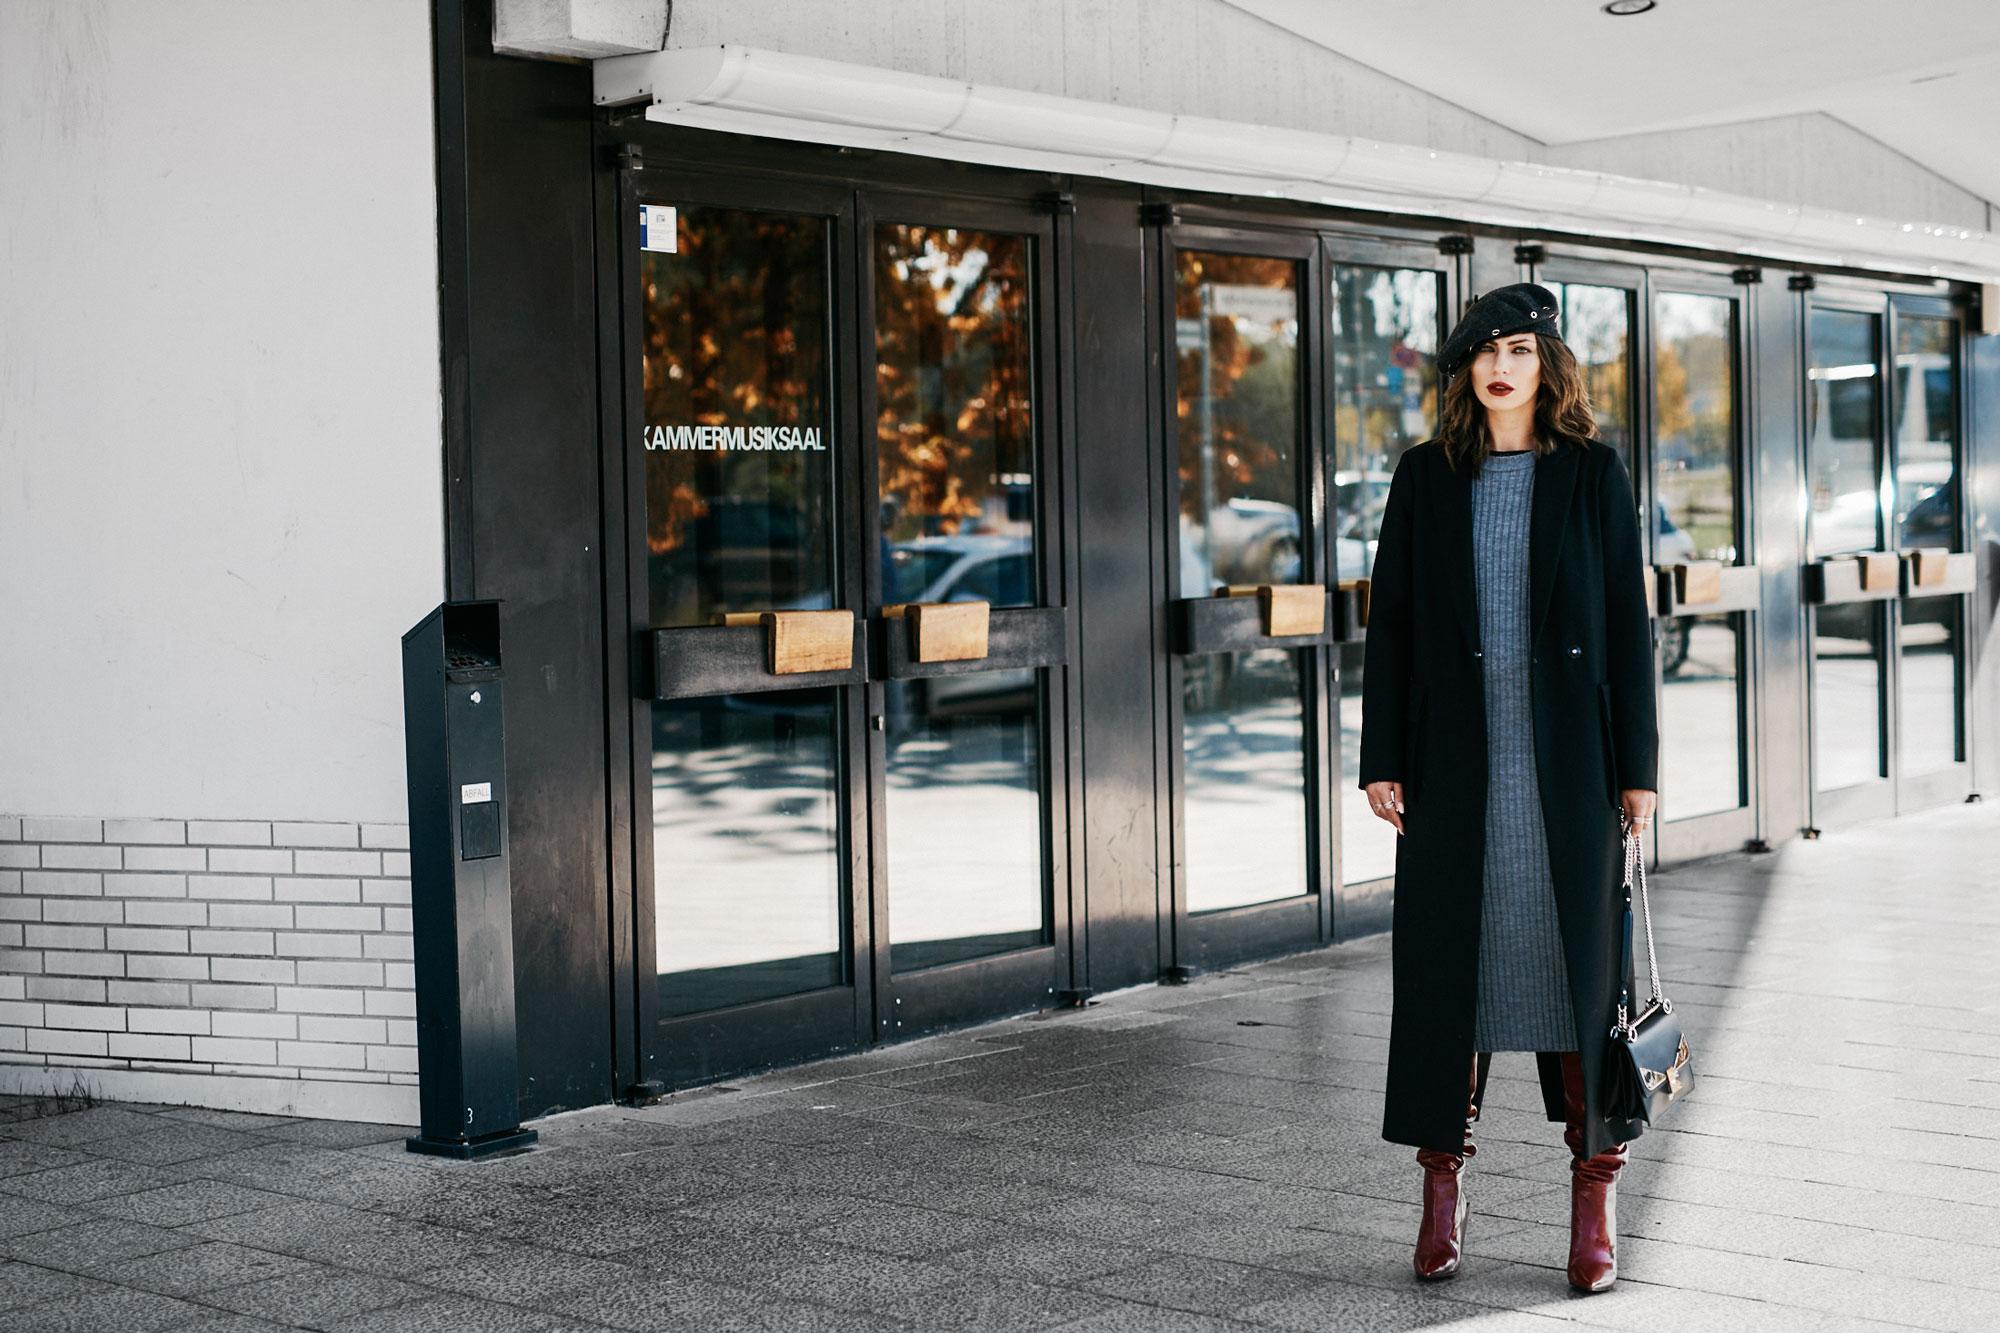 Outfit in Berlin | Herbst, Winter | style: elegant, rote Lack Stiefel von Zara, langes graues Strickkleid von Asos, langer Blazer Mantel von Lala Berlin | Kaufempfehlung | Shopping